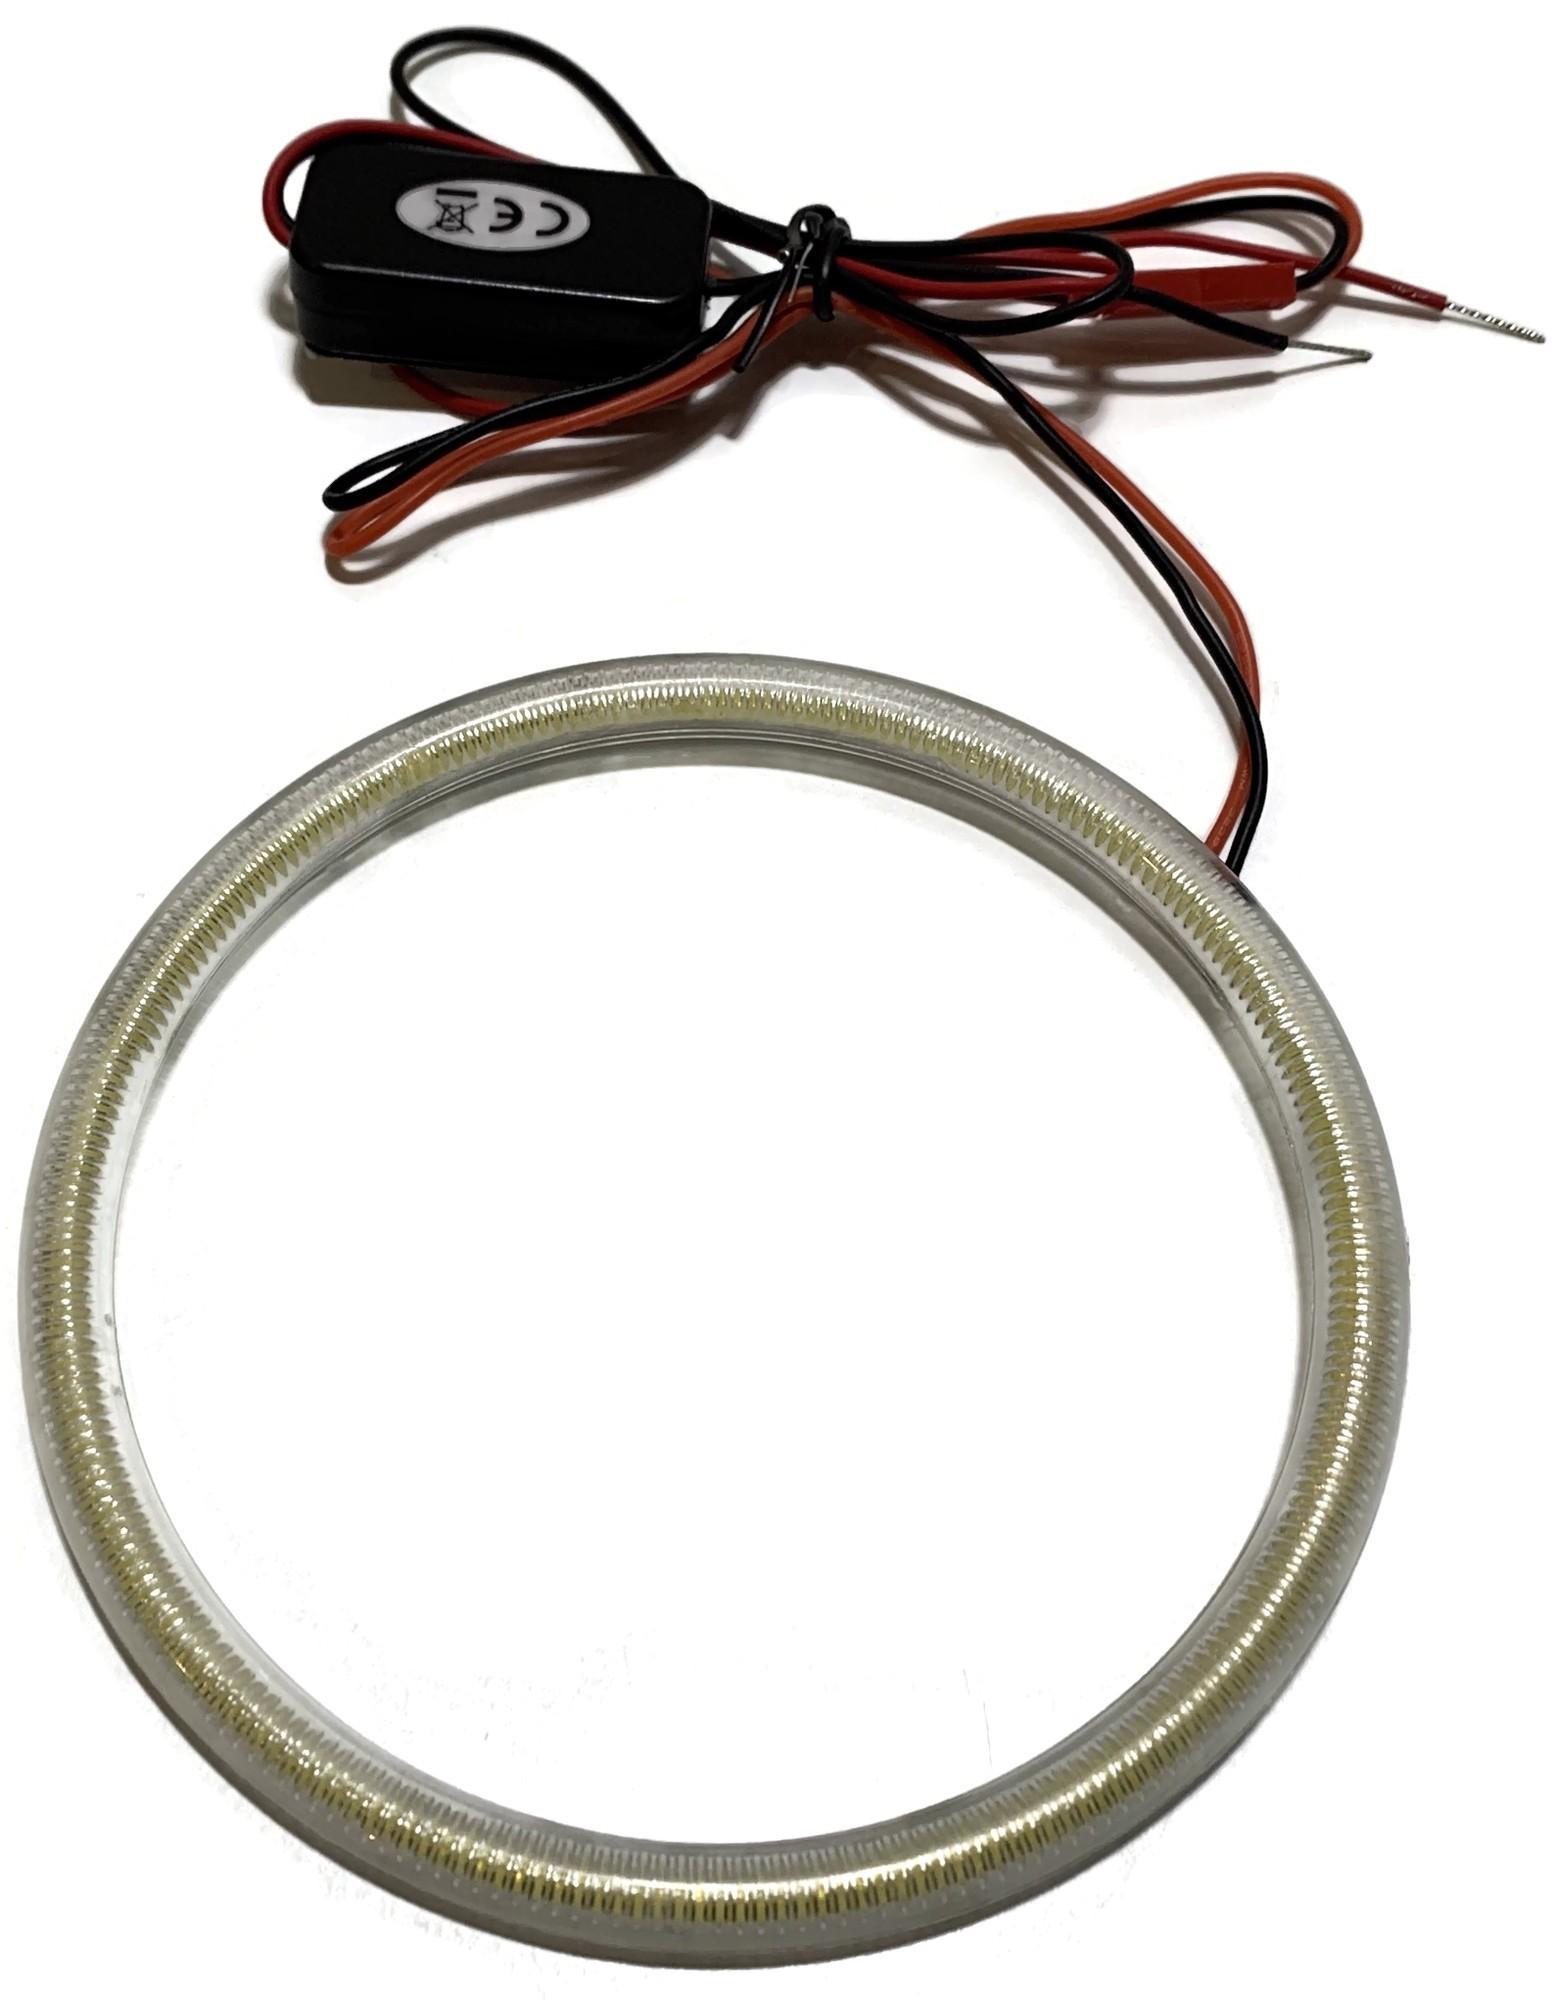 RING LED COB OKRĄGŁY ŚWIATŁA DZIENNE DRL 12v 115mm